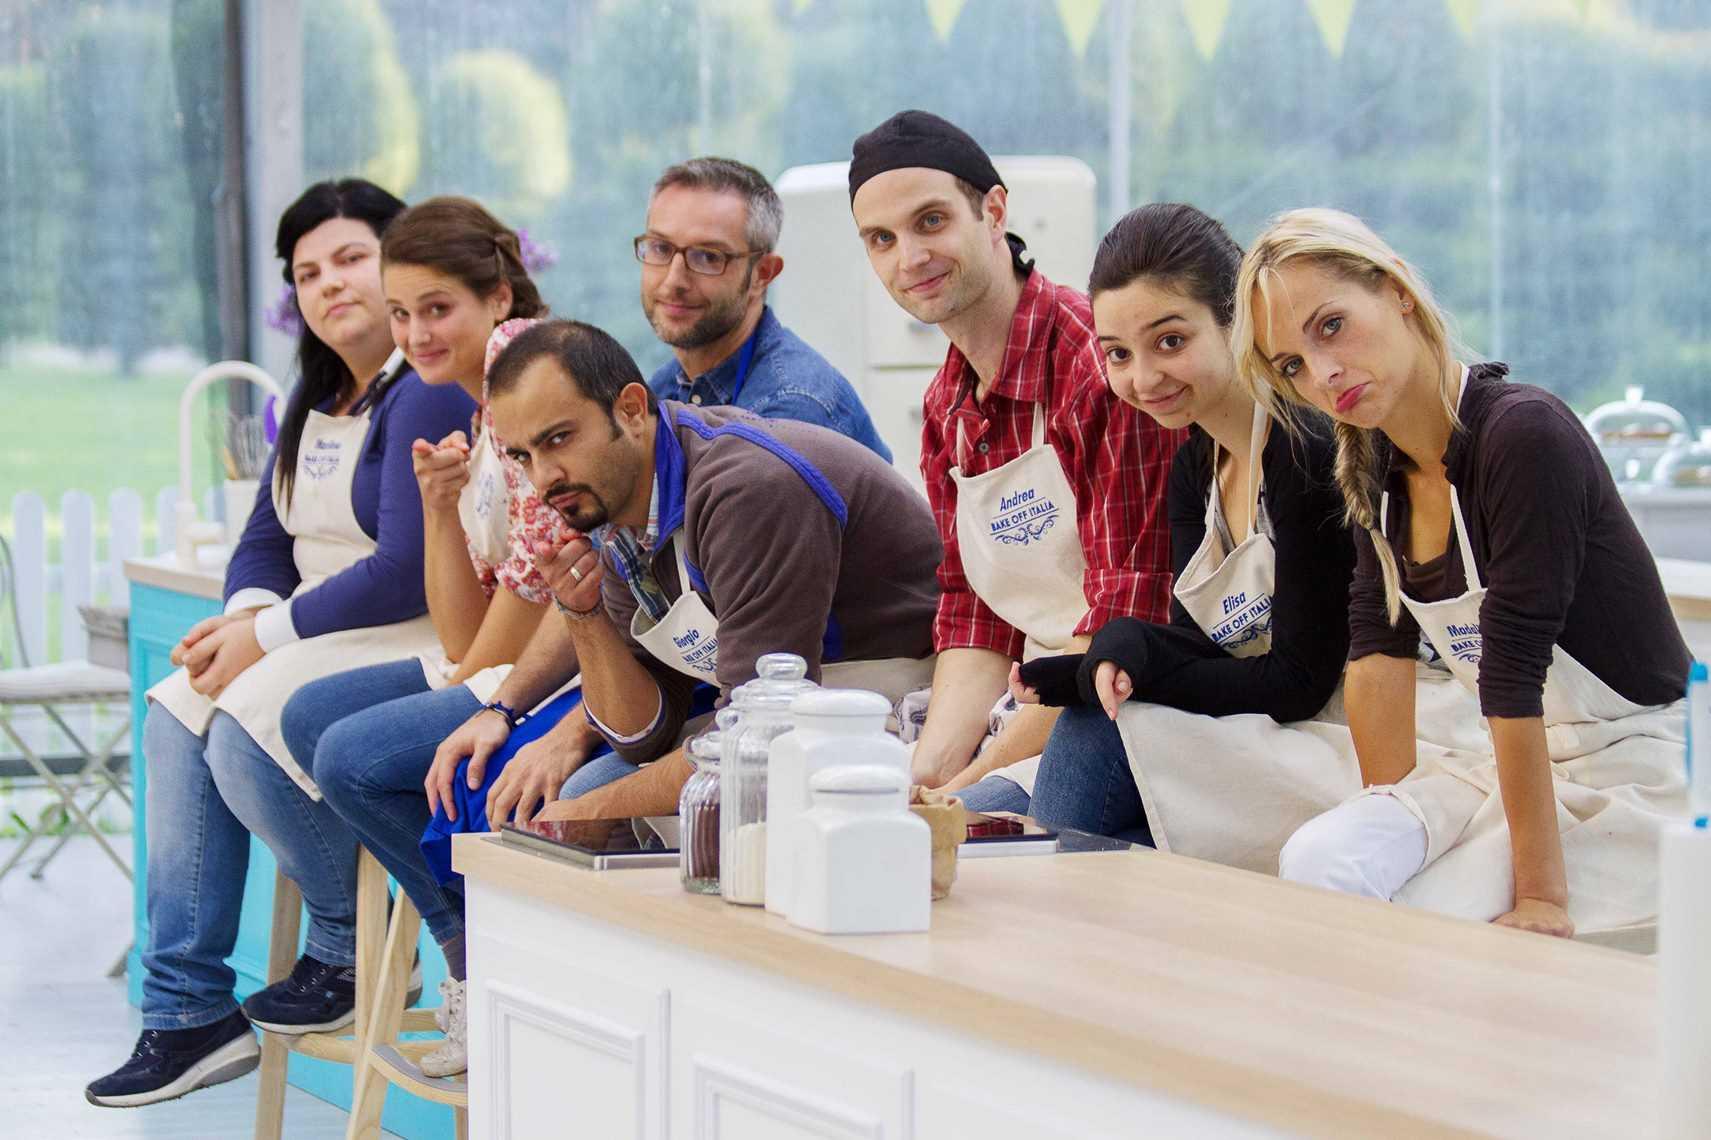 Bake Off Italia: doppia eliminazione nella terza puntata | Digitale terrestre: Dtti.it